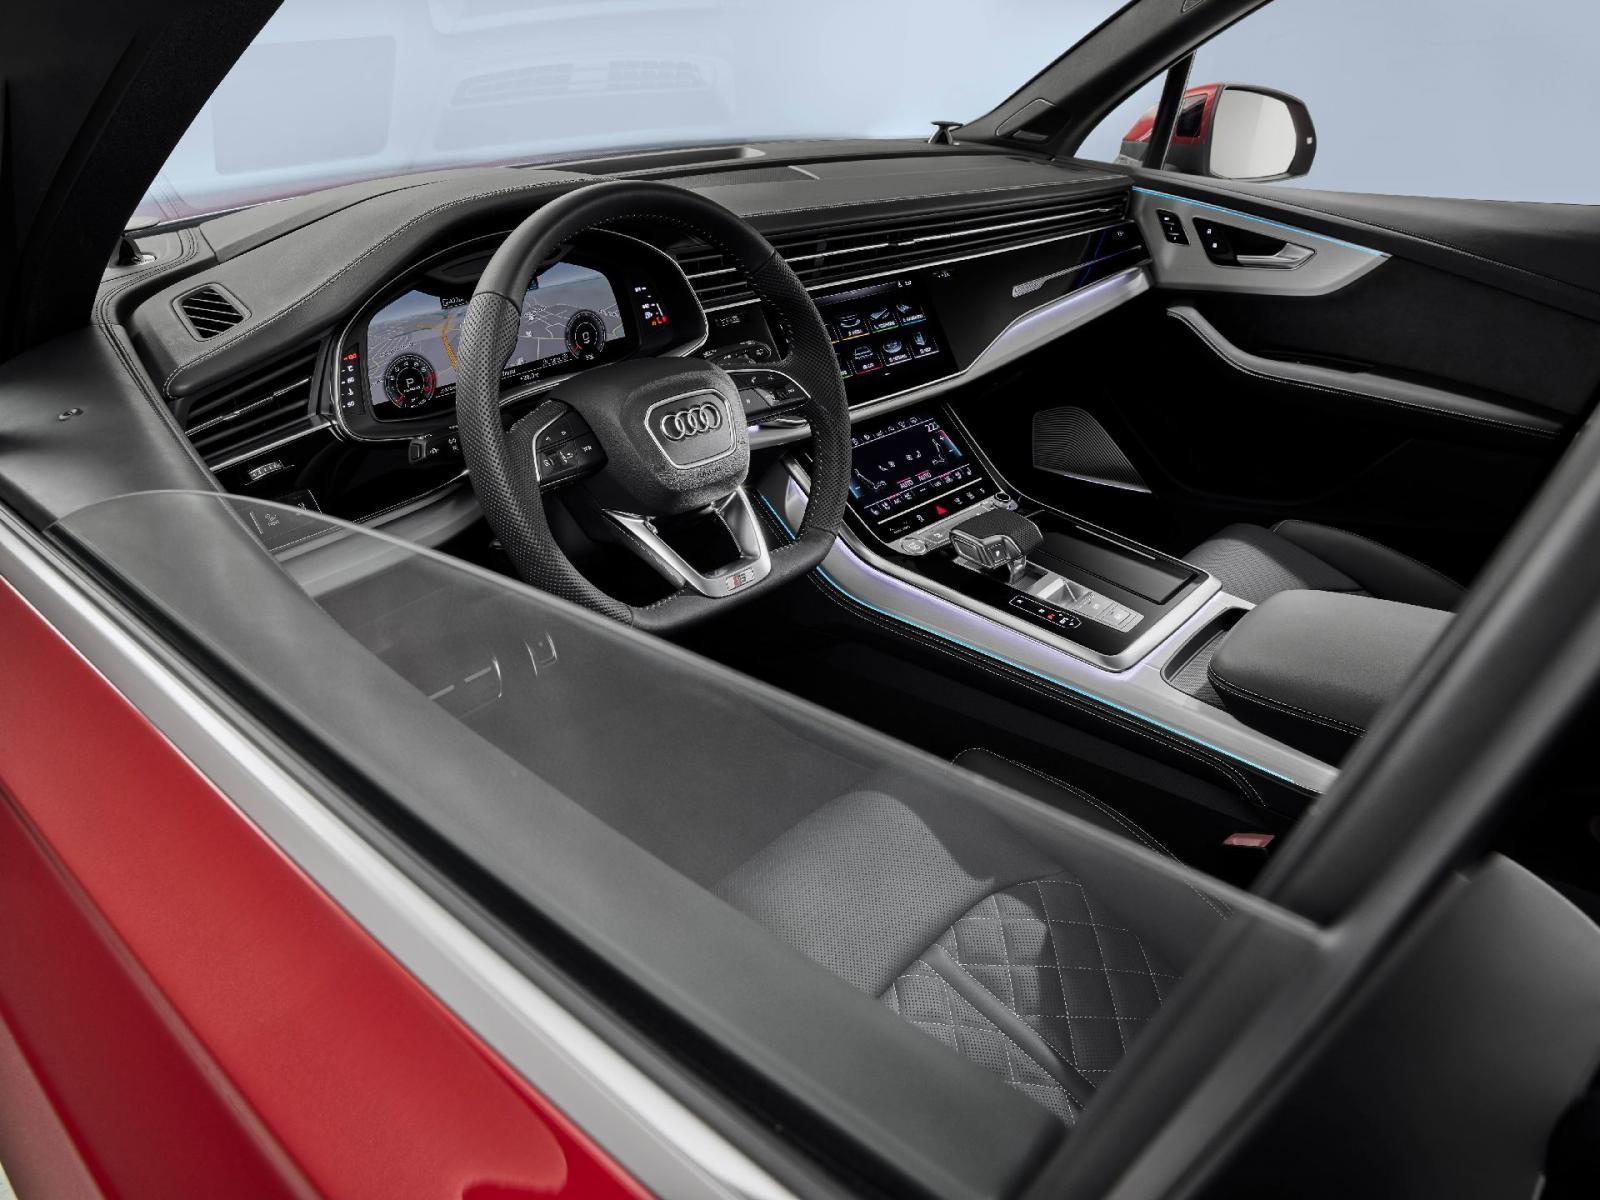 Động cơ của Audi Q7 2020 kết hợp với hộp số tự động 8 cấp